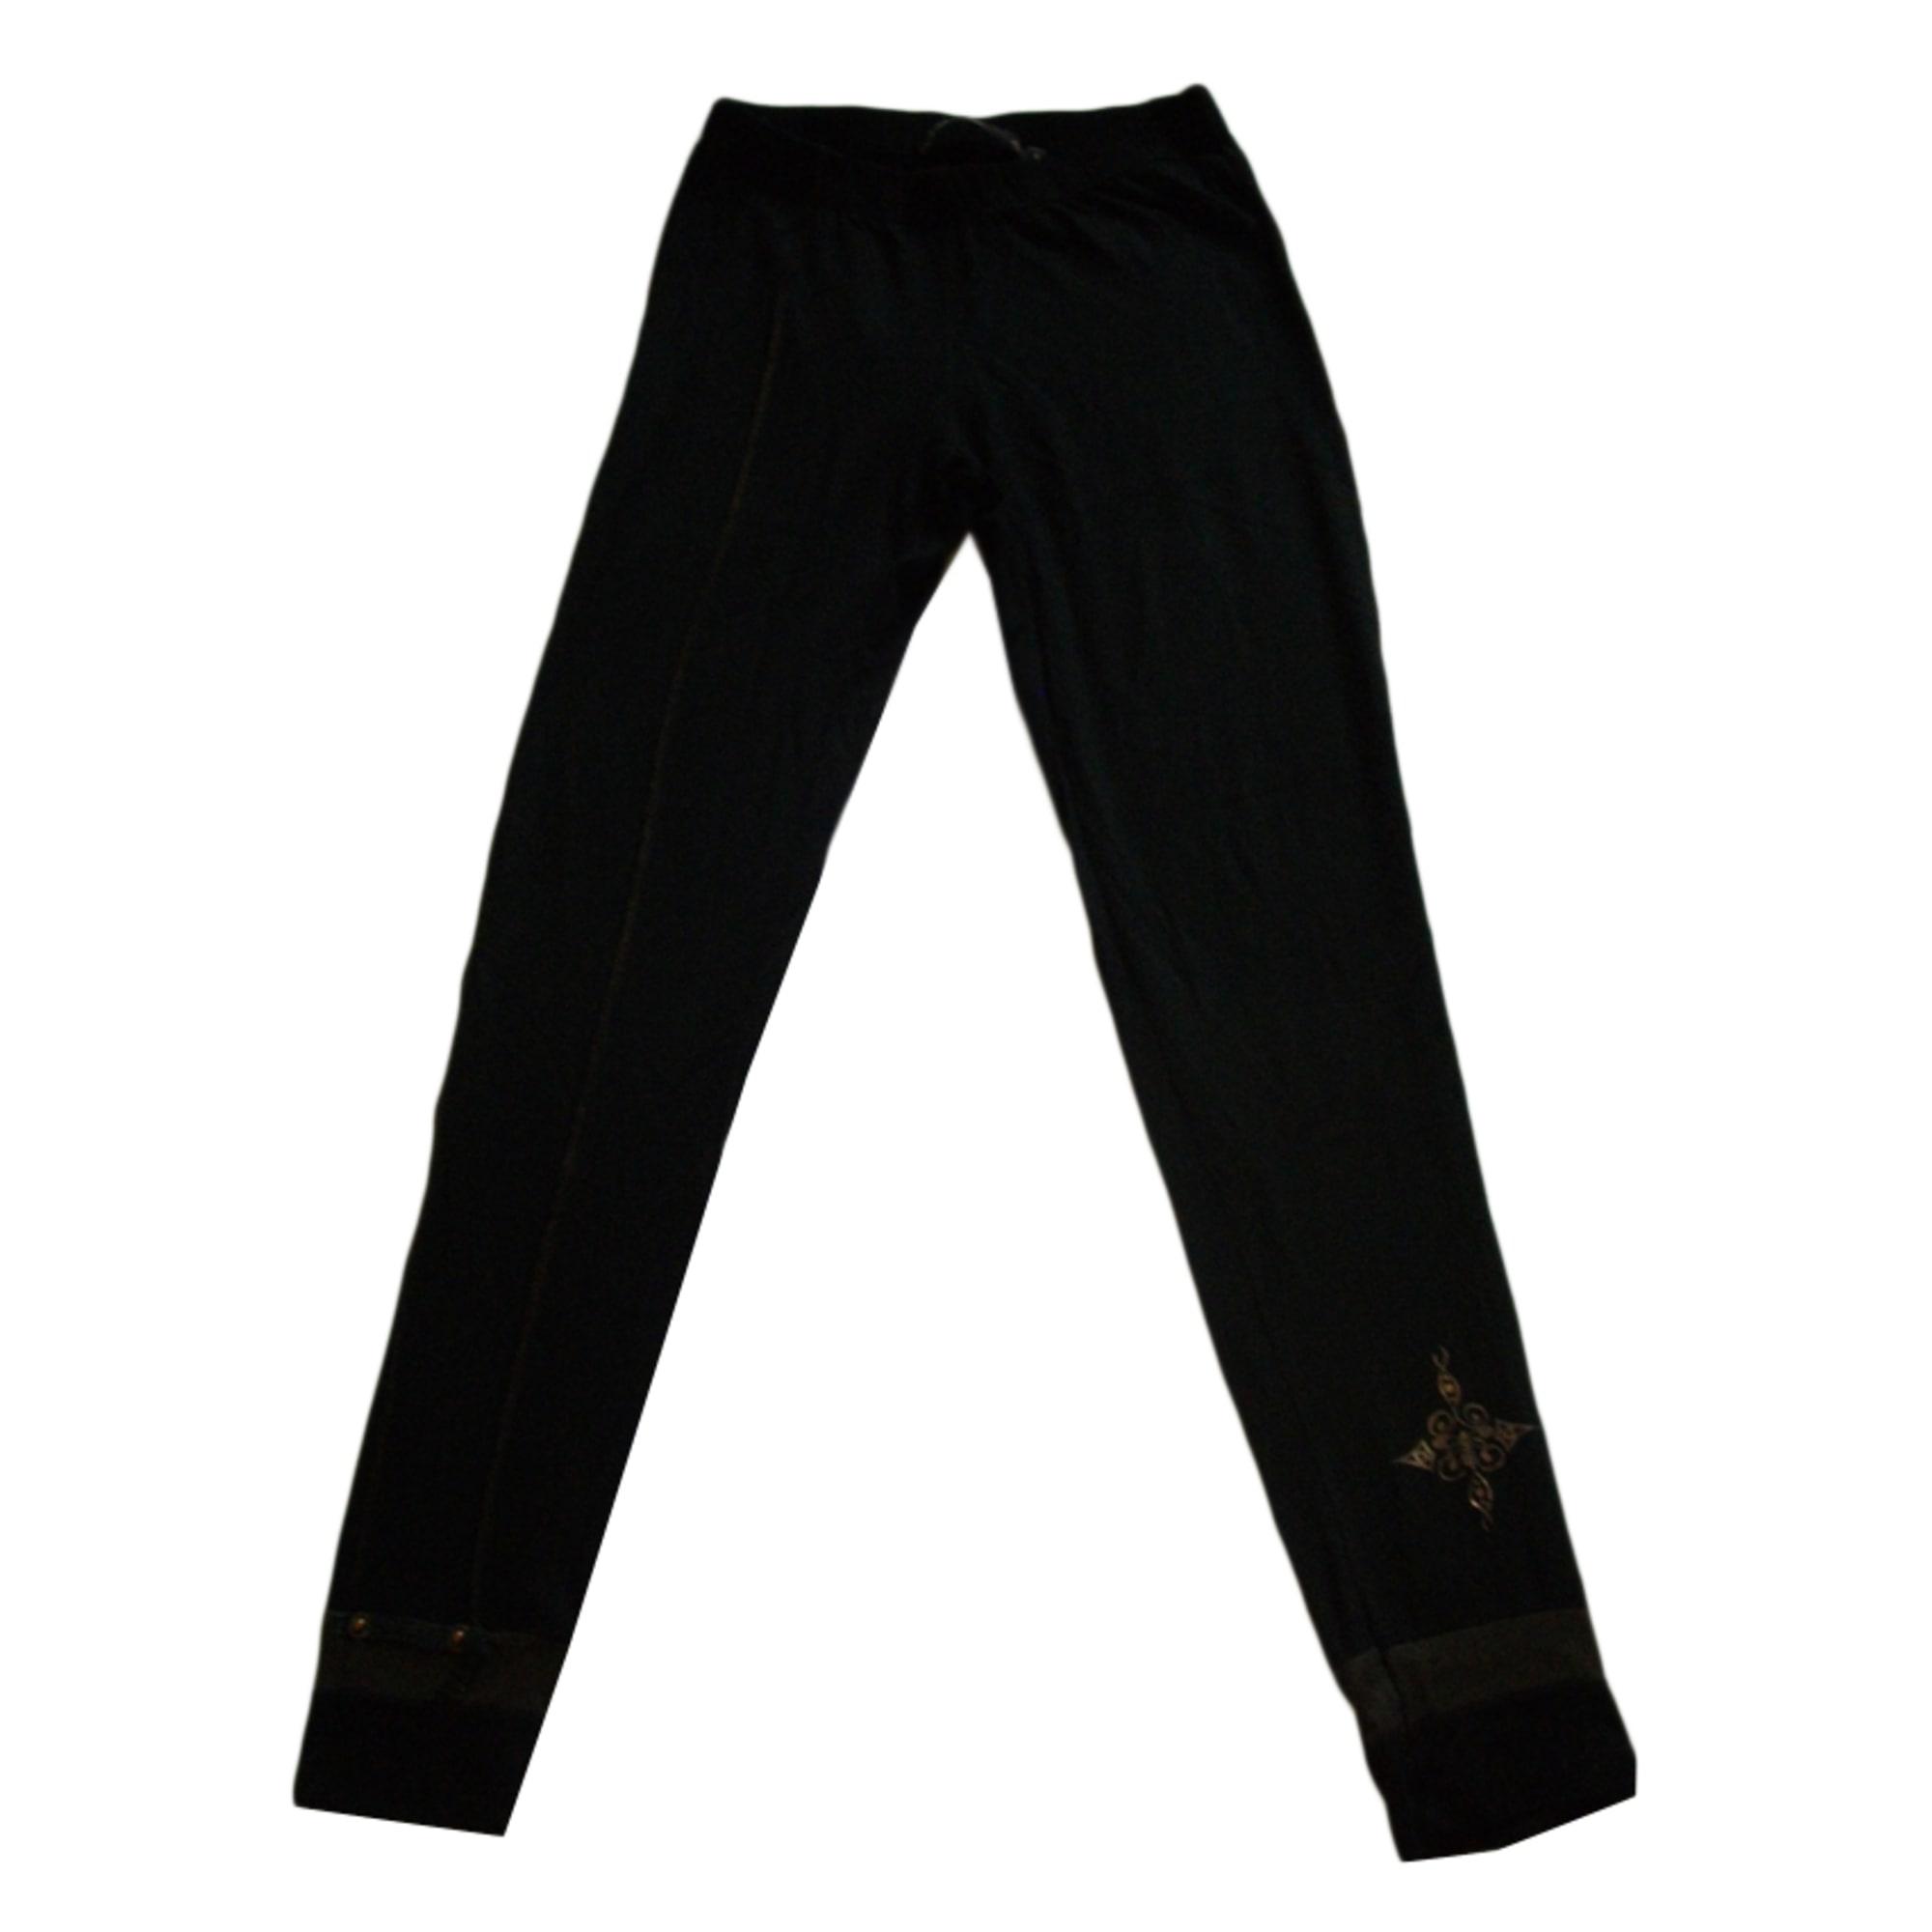 pantalon slim cigarette lmv la mode est vous 36 s t1. Black Bedroom Furniture Sets. Home Design Ideas